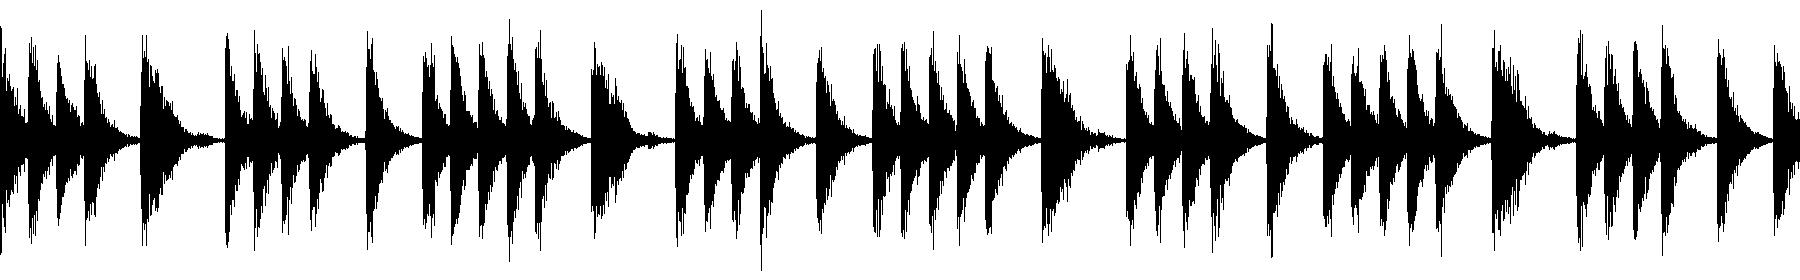 dts chordlp 08b bm